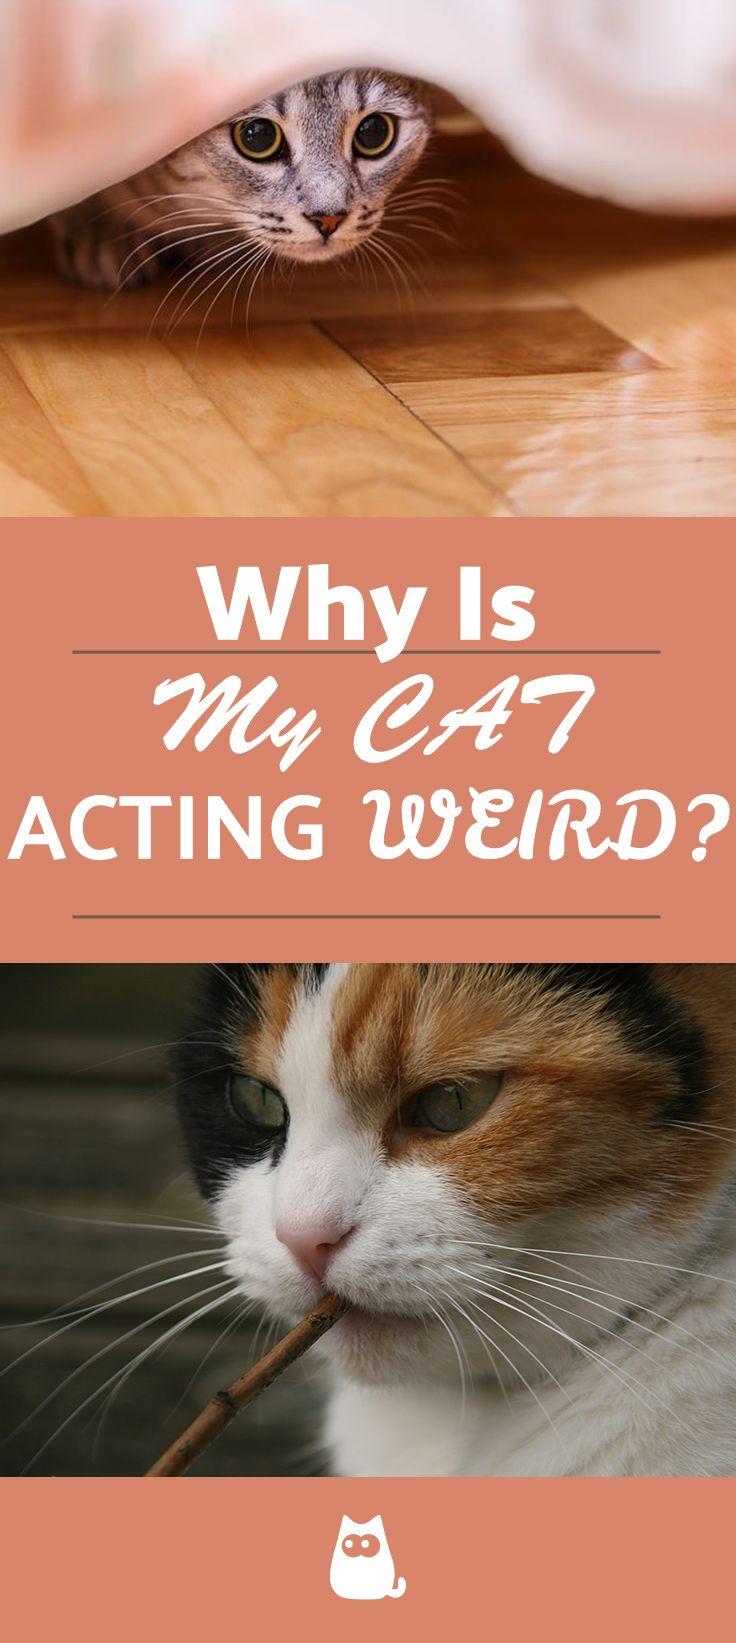 Reasons Your Cat Acts Weird In 2020 Weird Cats Sleeping Kitten